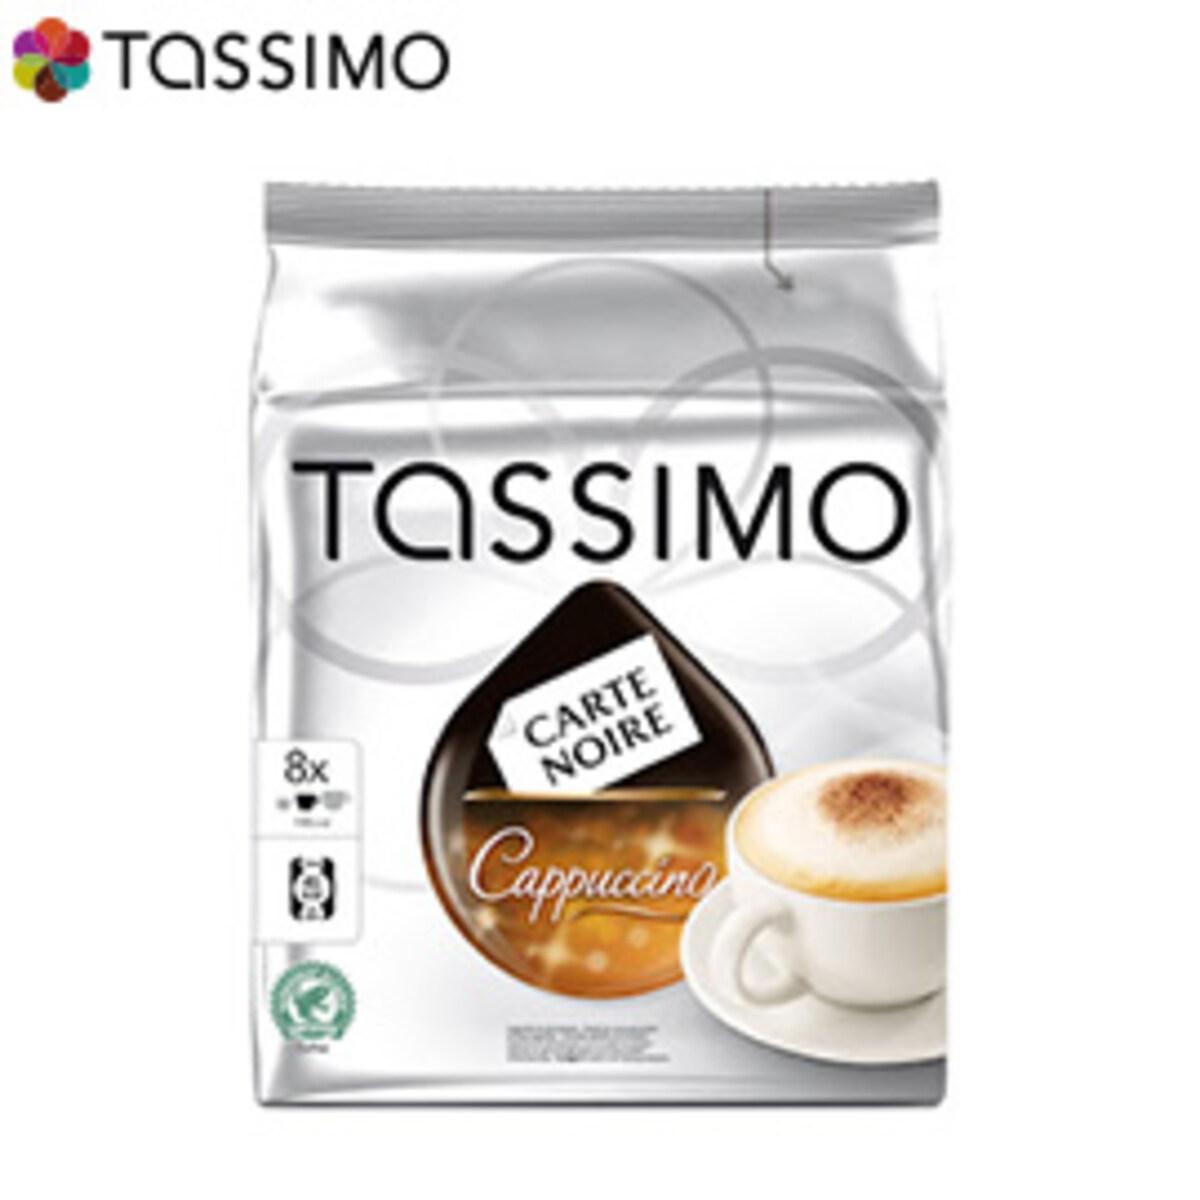 Tassimo Carte Noire Cappuccino